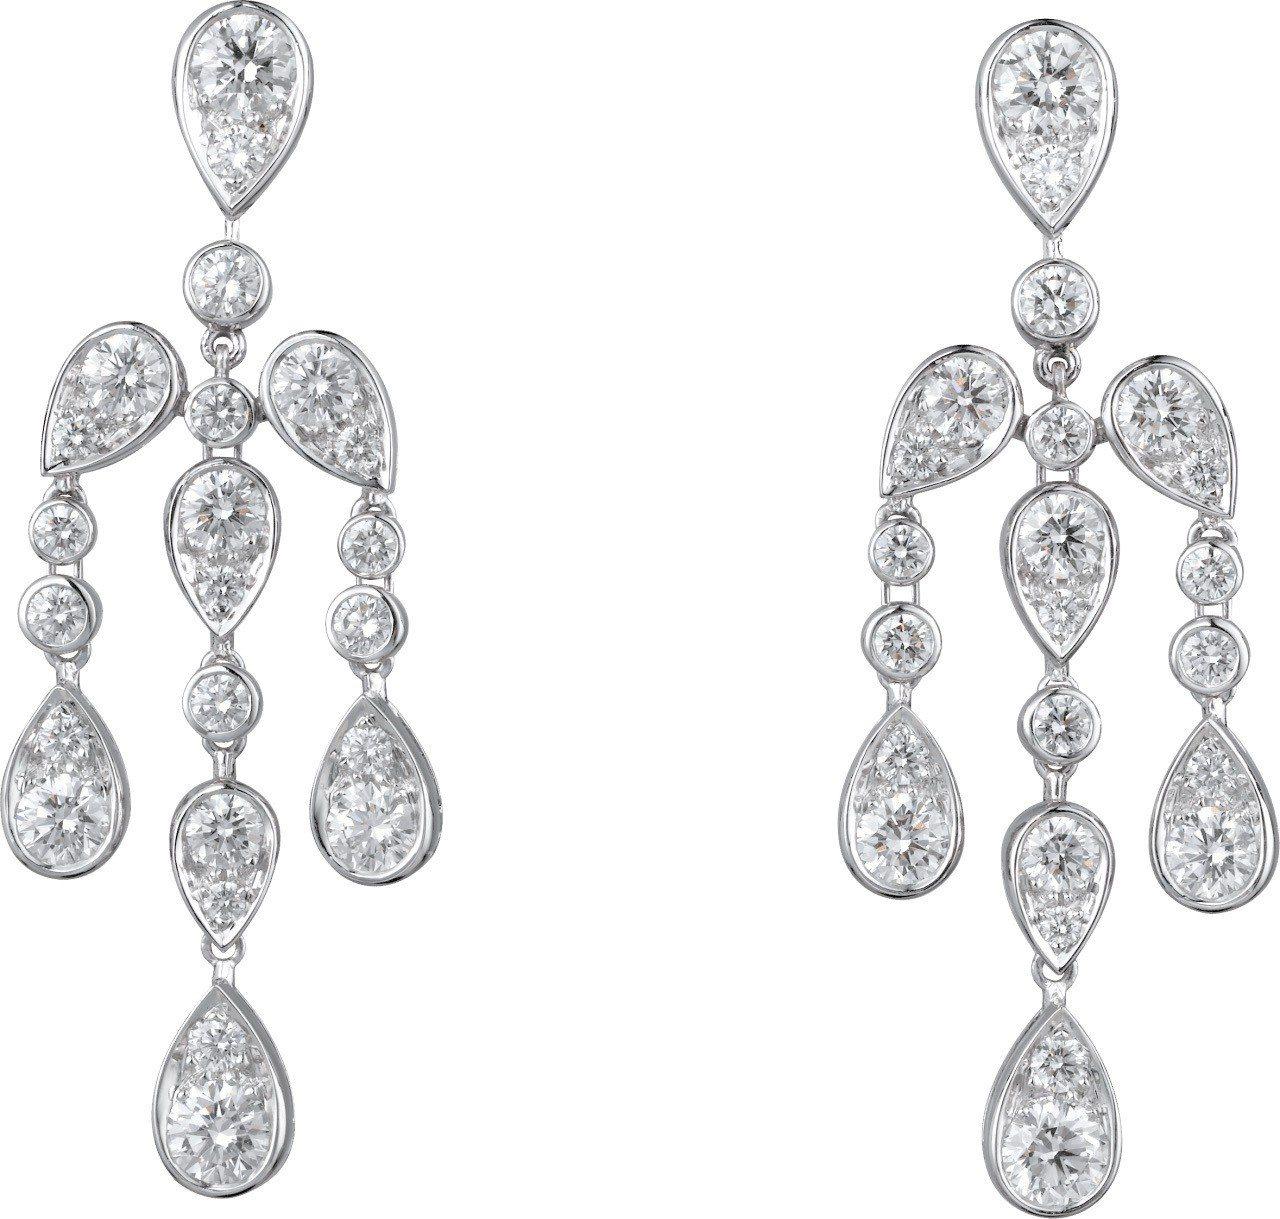 莉莉柯林斯配戴的卡地亞頂級珠寶系列耳環,鉑金鑲嵌鑽石,未定價。圖/卡地亞提供